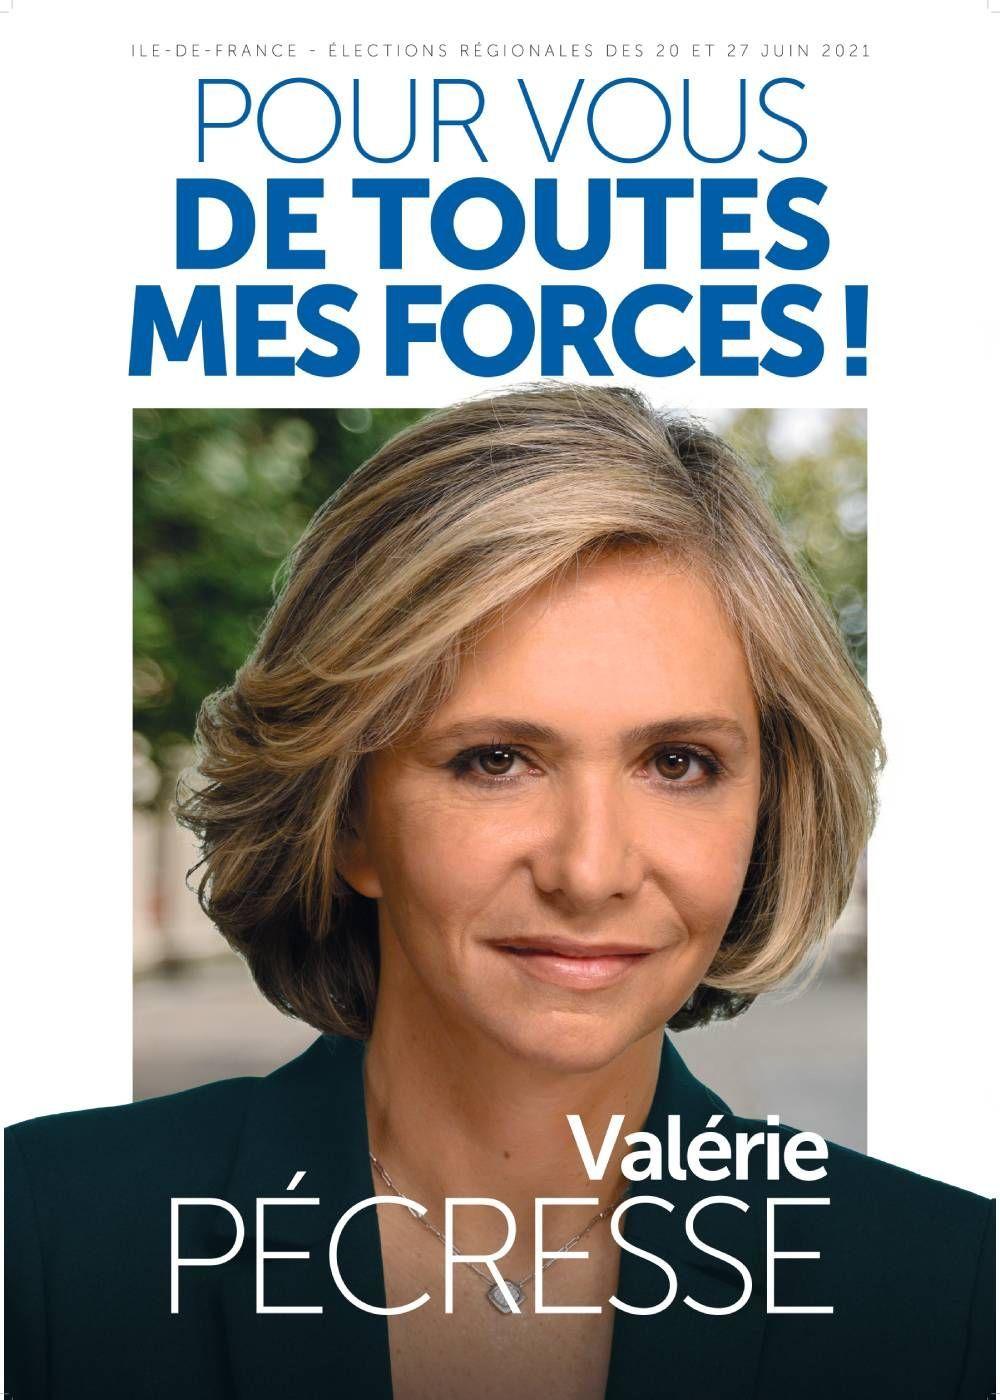 Valérie Pécresse nous a répondu à son tour sur nos préconisations.